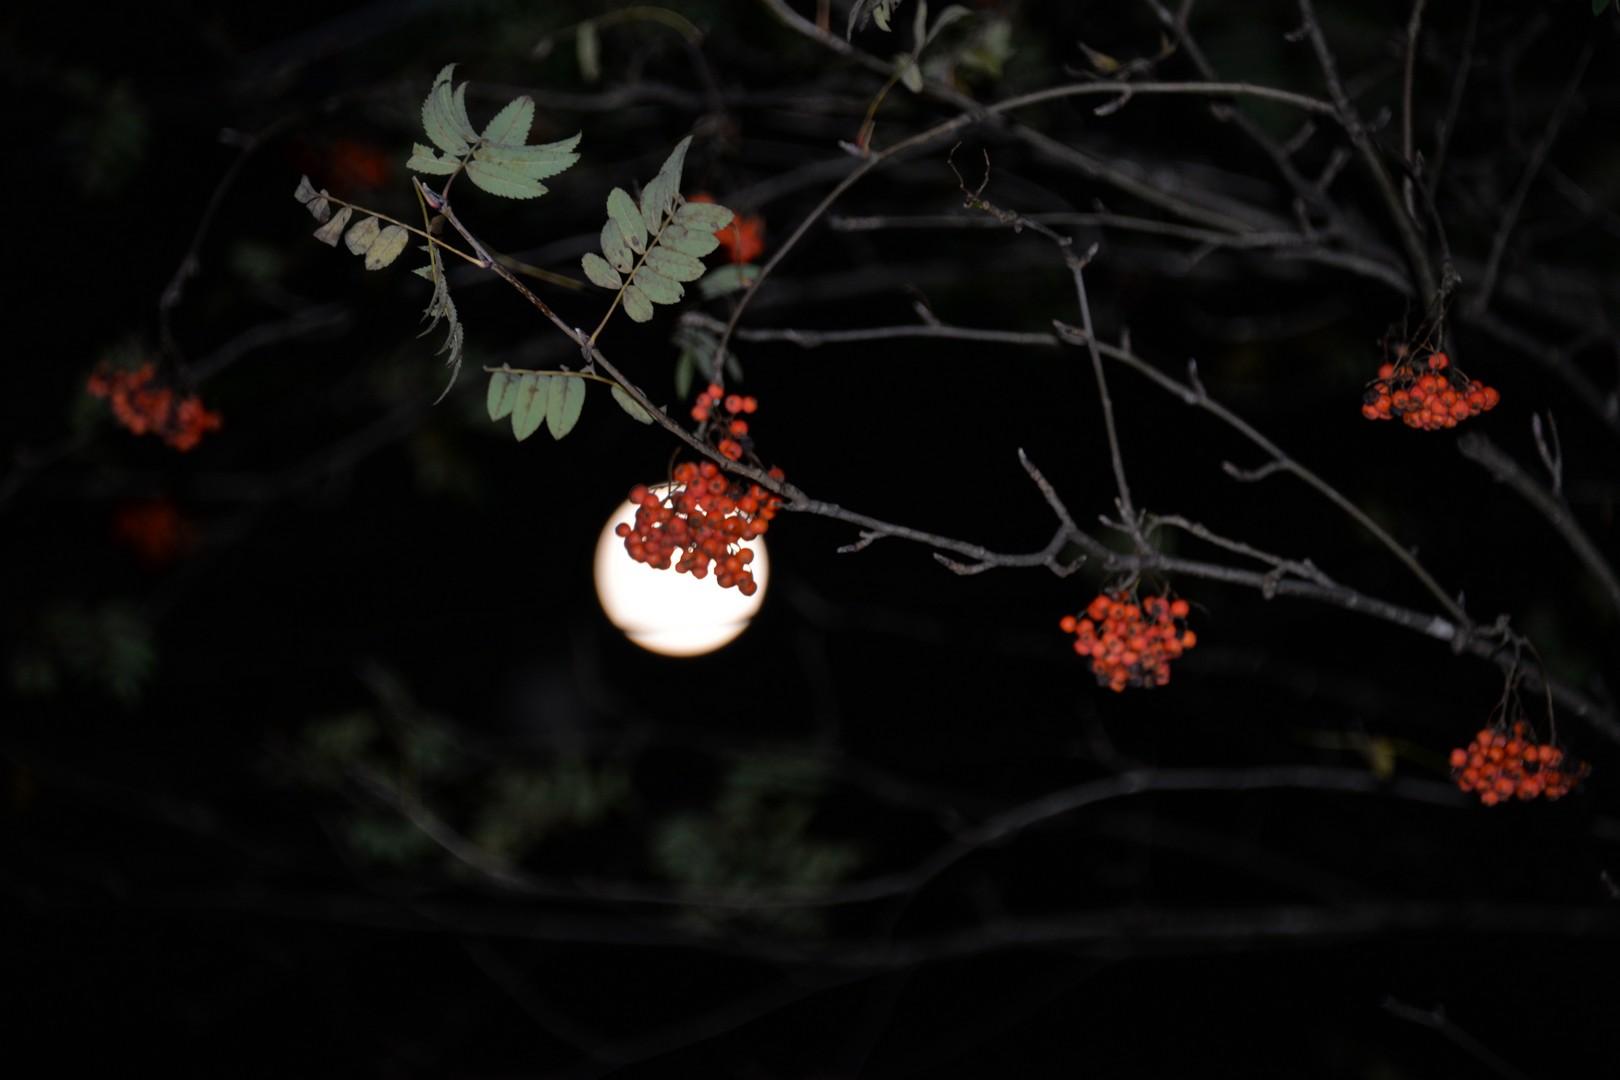 Moon at halloween